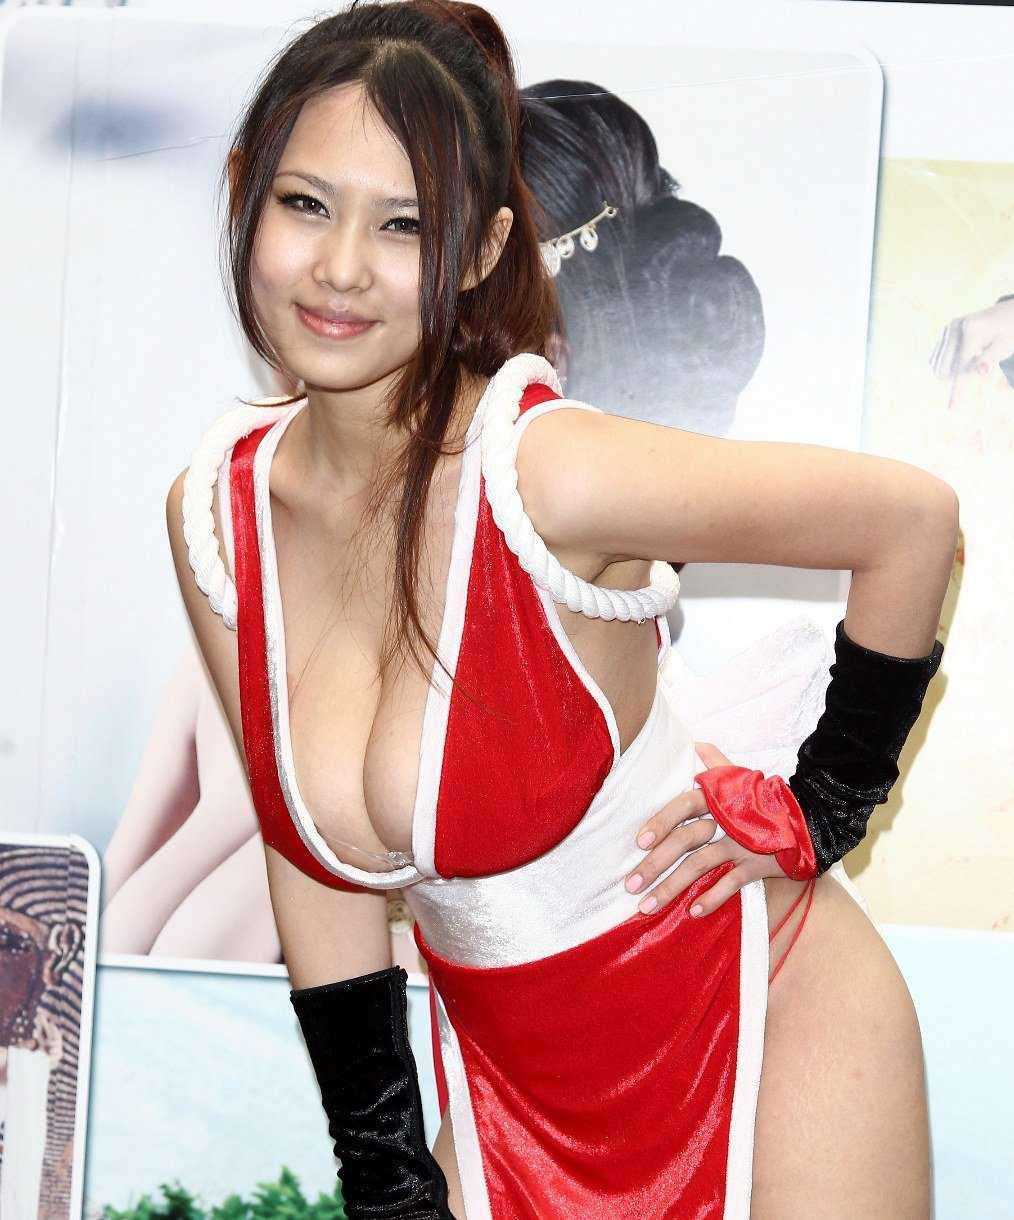 コスプレする素人 (1)